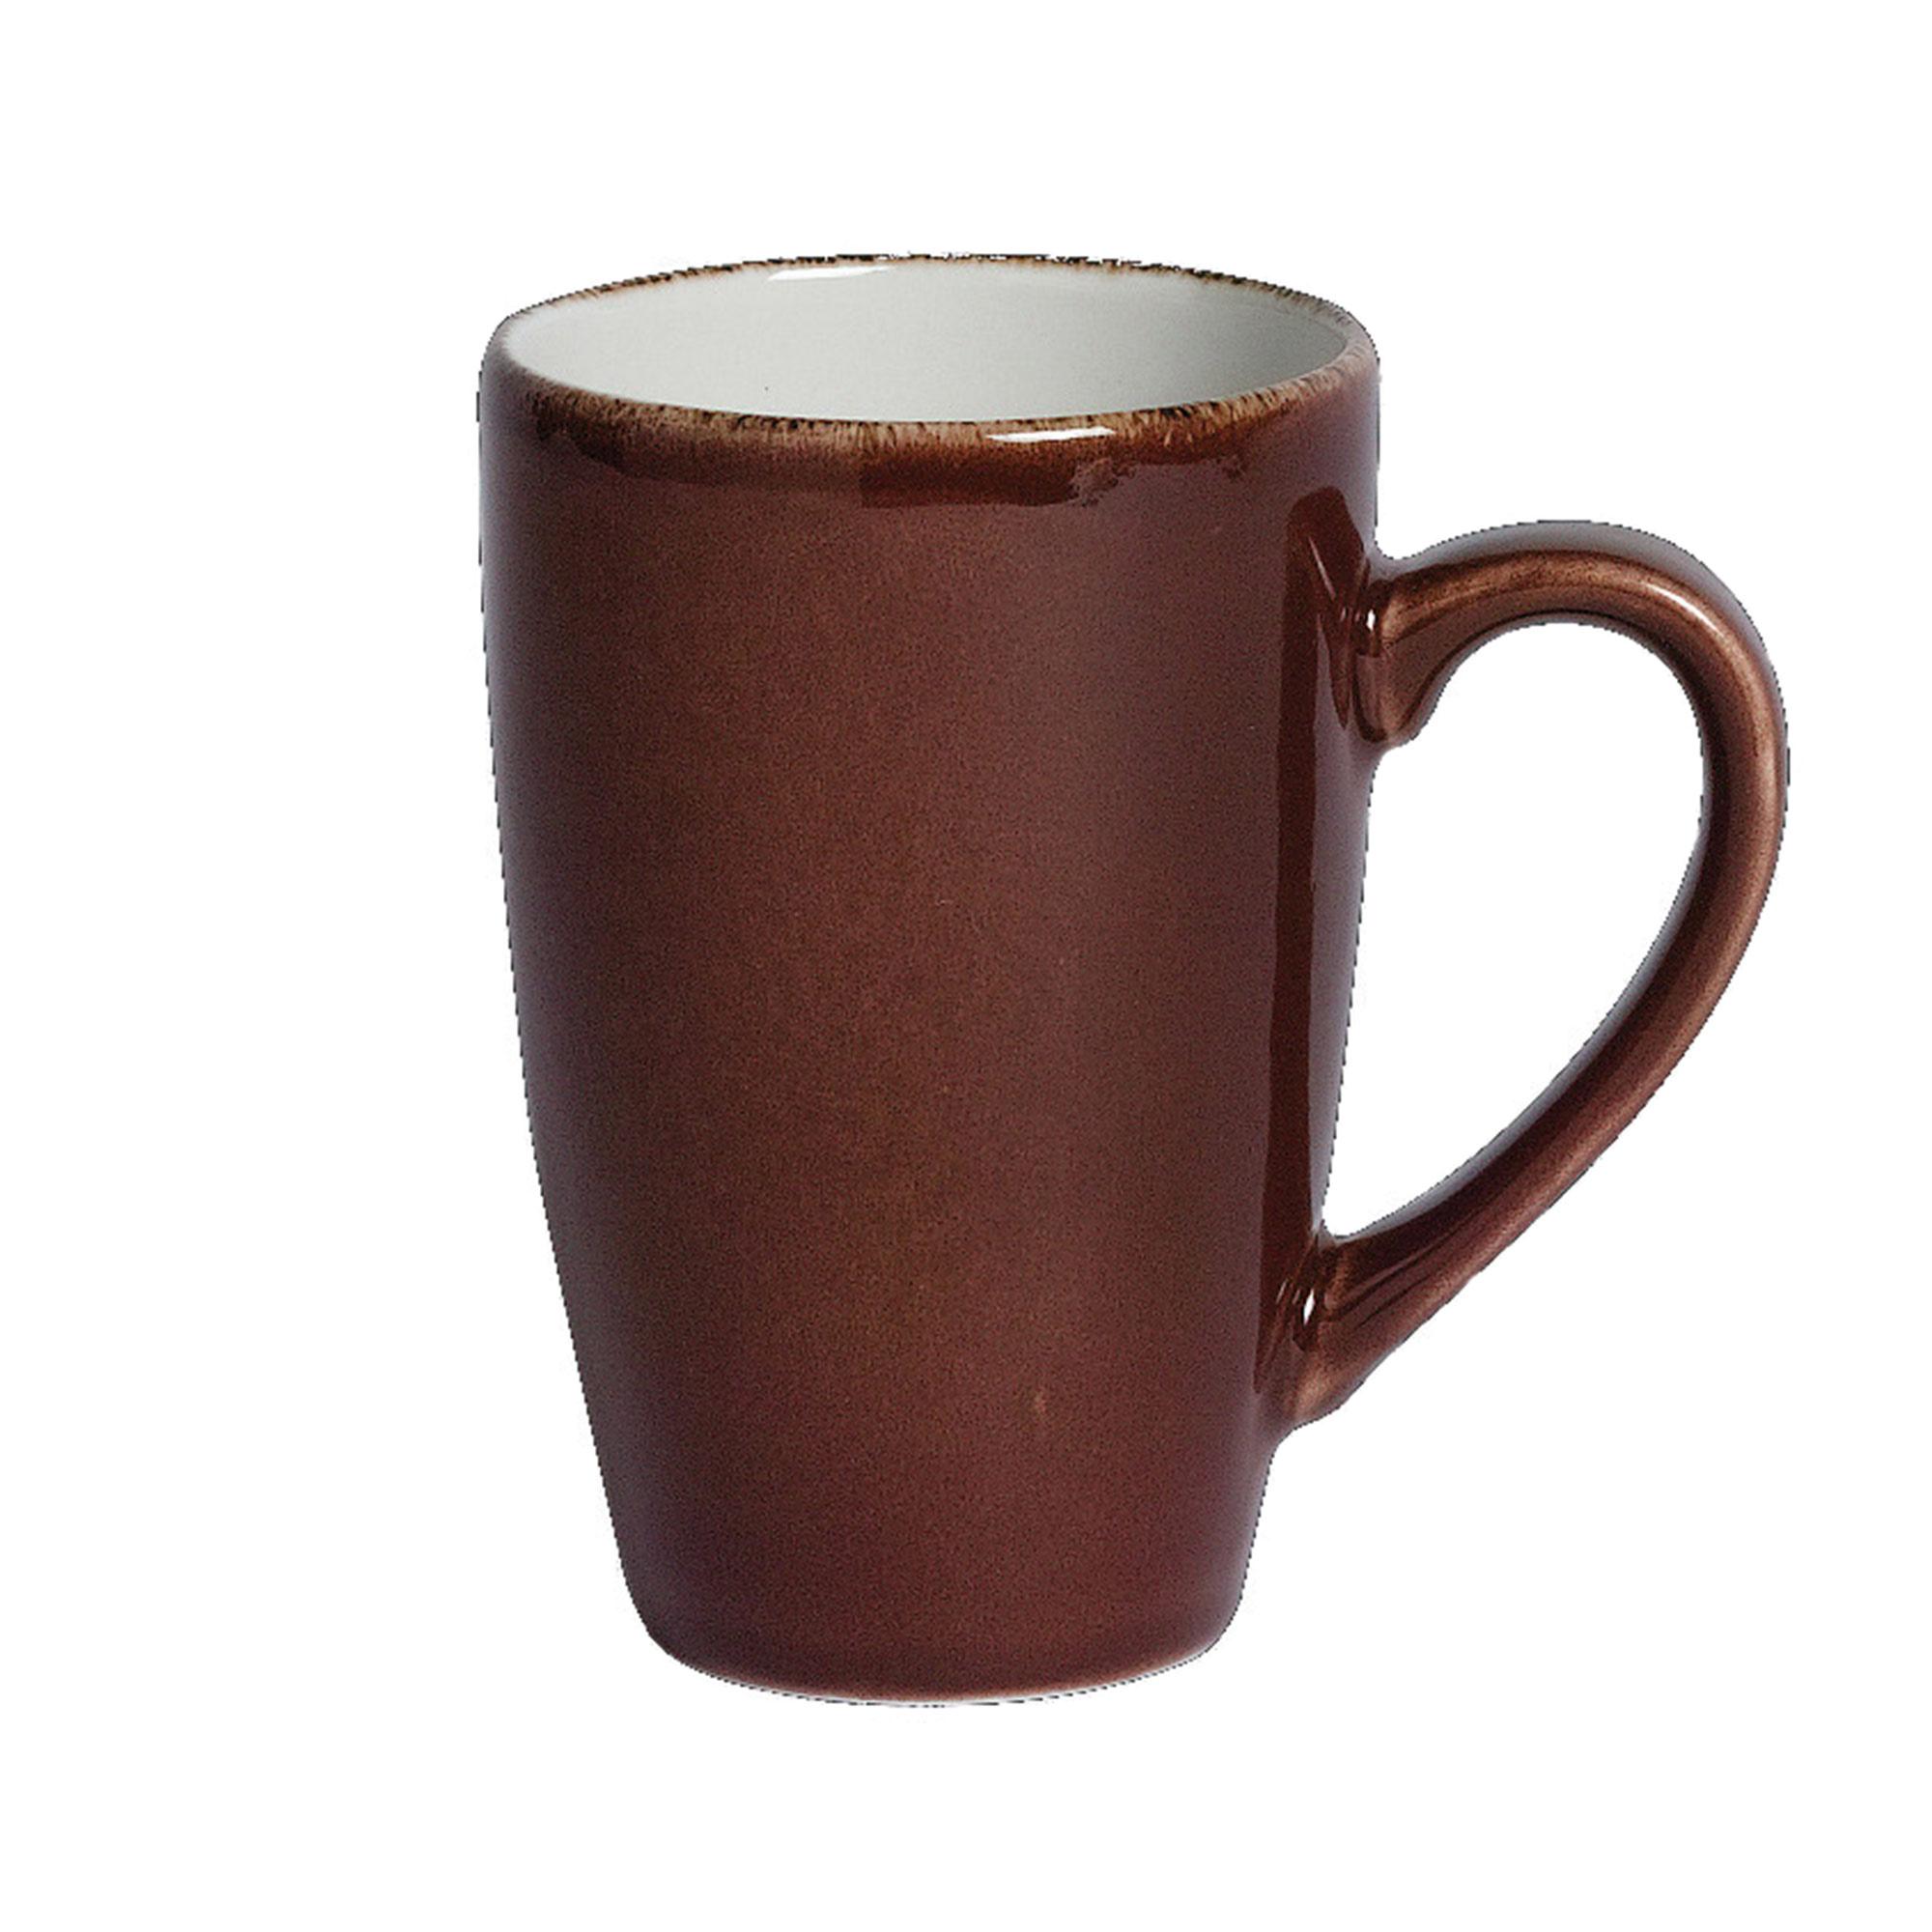 Steelite Terramesa Mocha Quench Mug 280ml Keep Cup Doppio Small 8oz 227ml 10oz